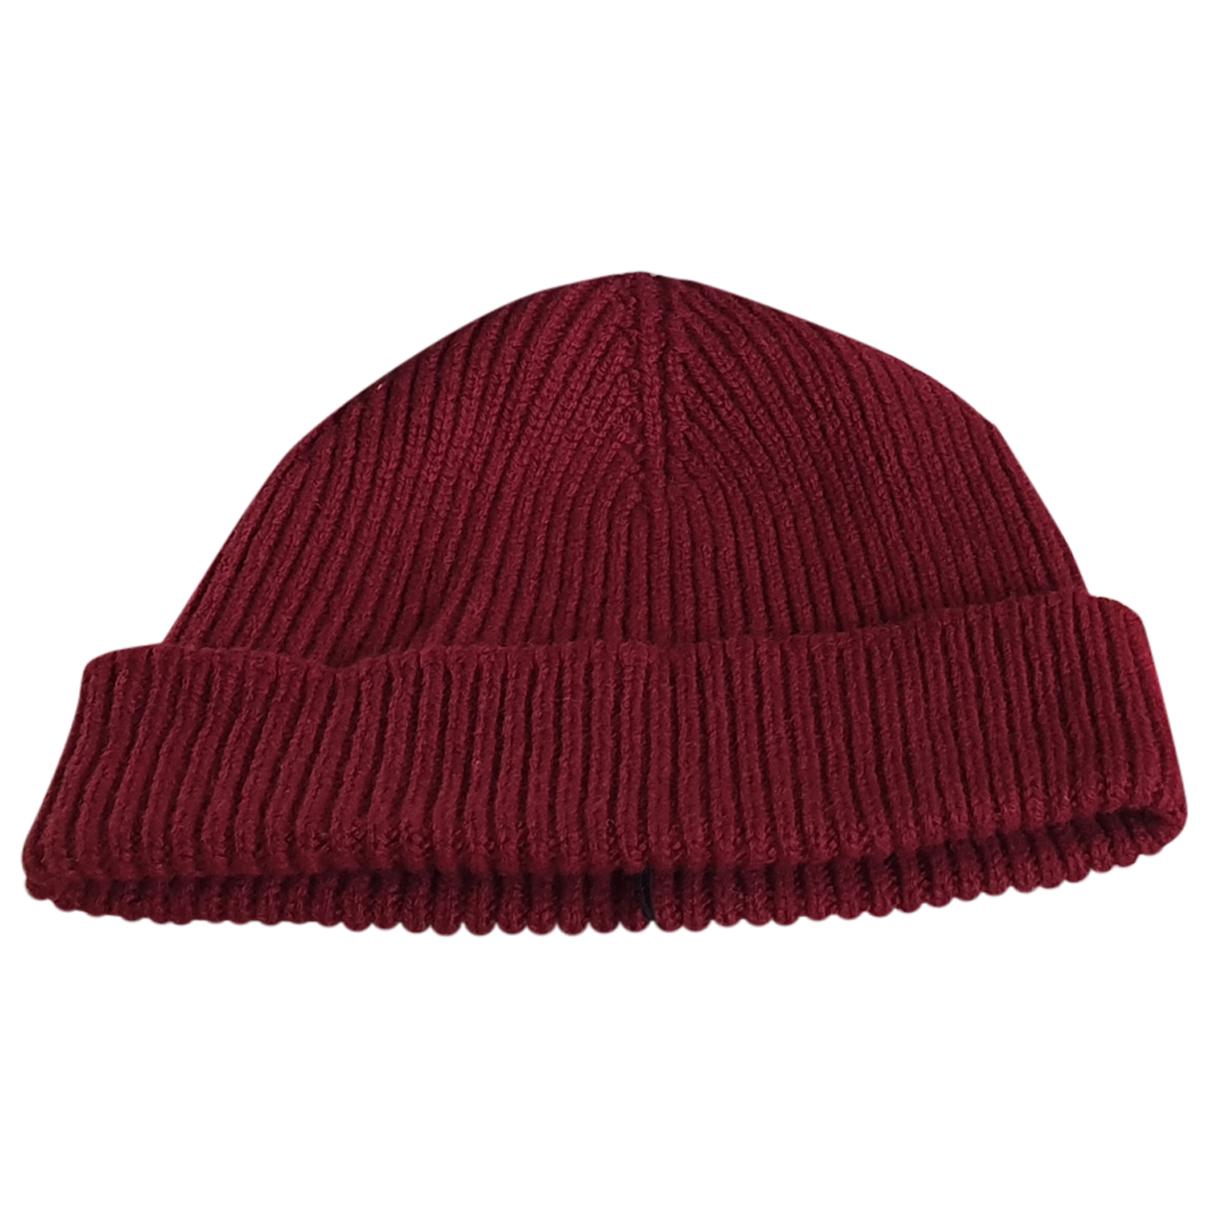 Paul Smith - Chapeau & Bonnets   pour homme en cachemire - bordeaux